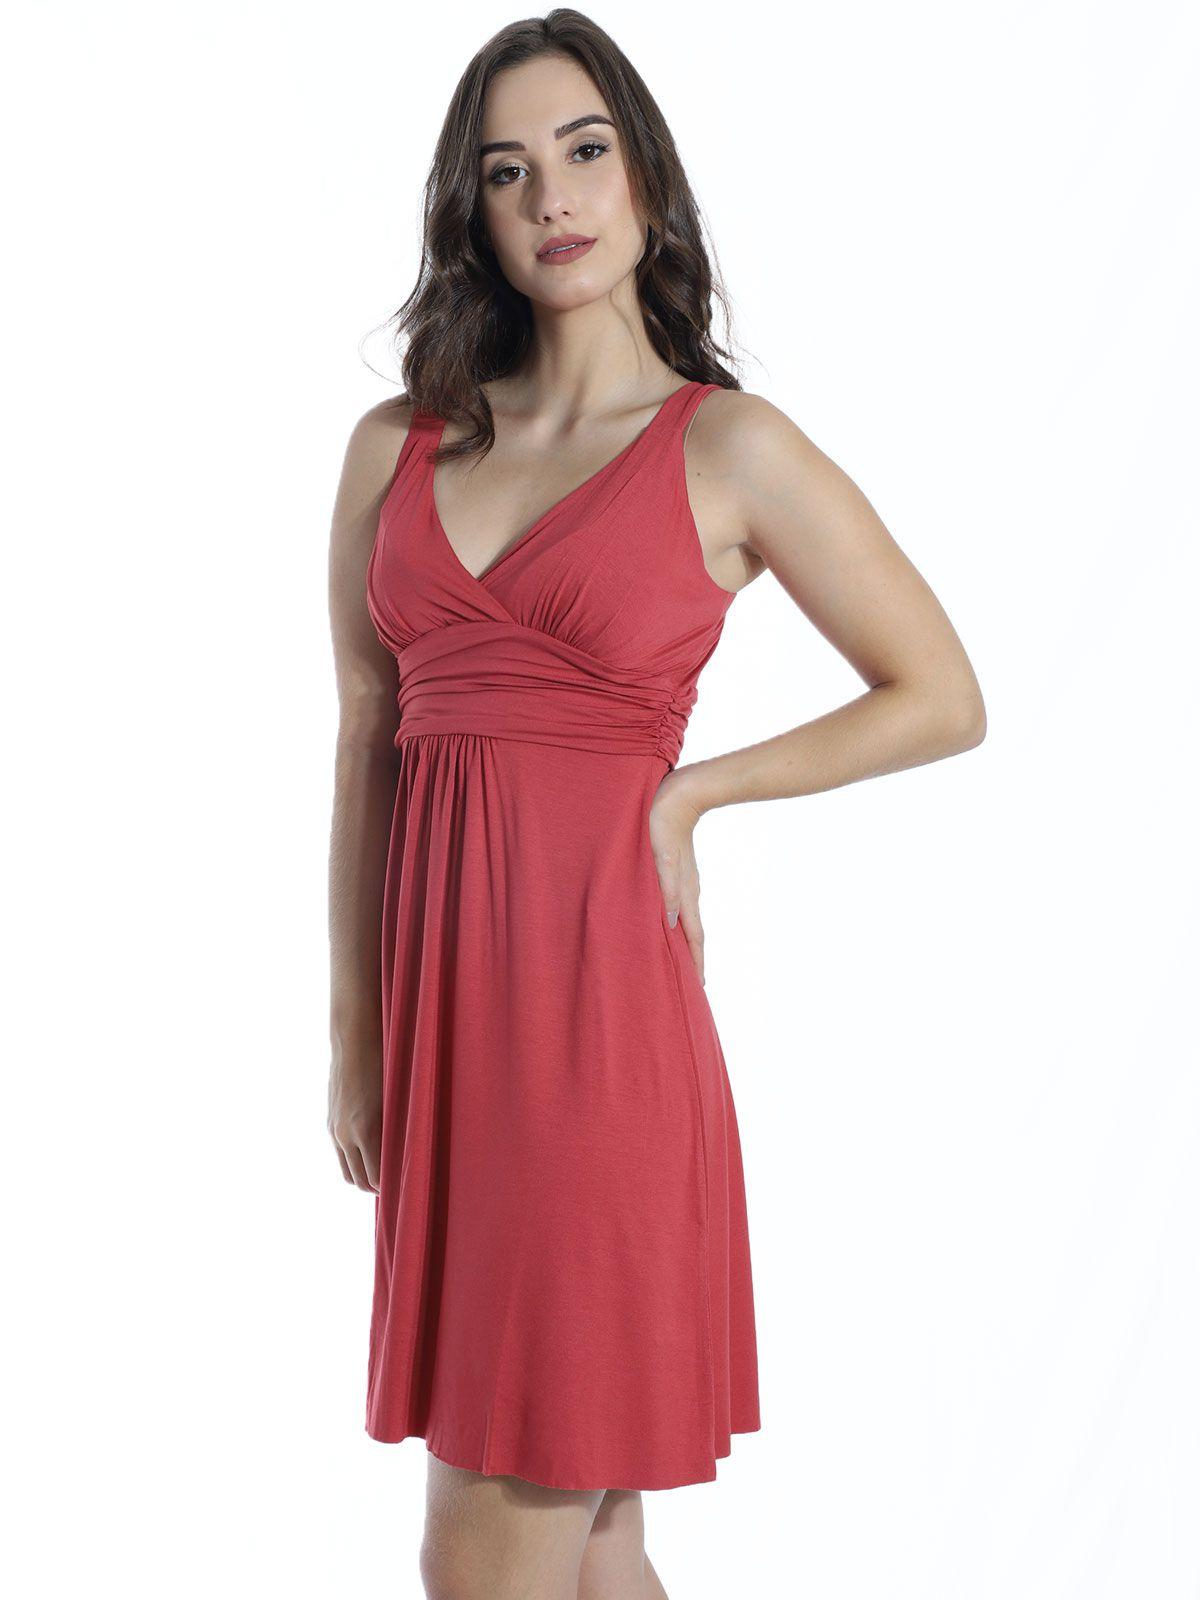 Vestido Curto de Viscolycra Drapeado Anistia Vermelho